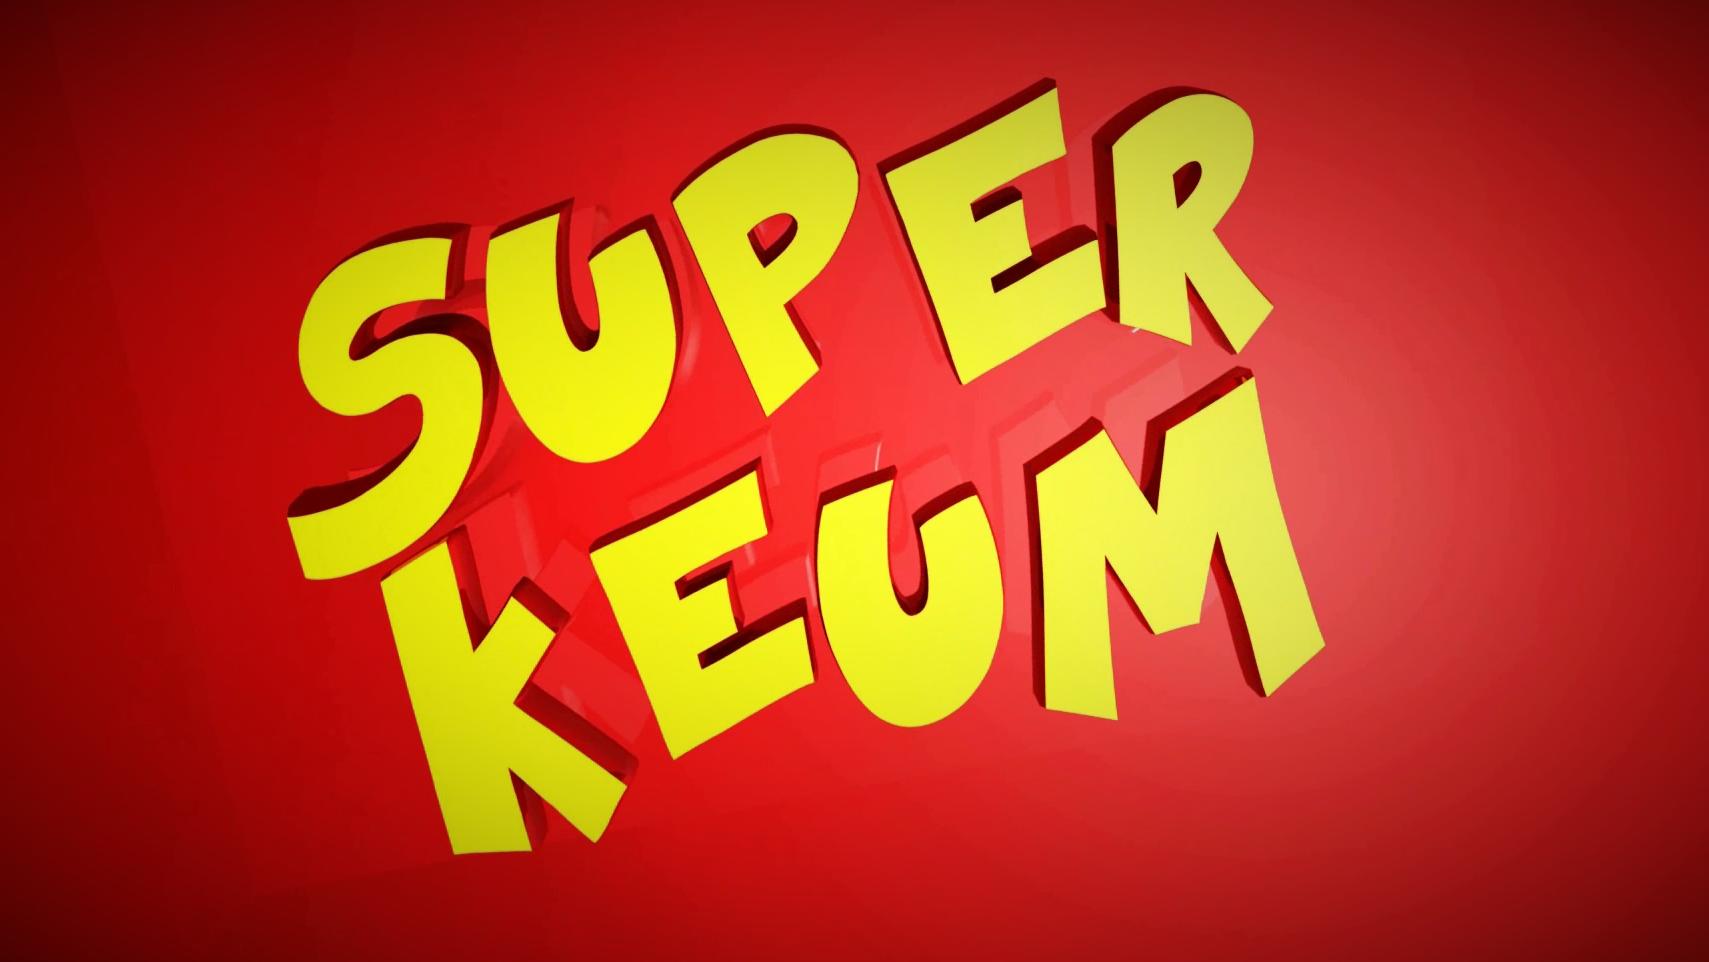 SUPER KEUM